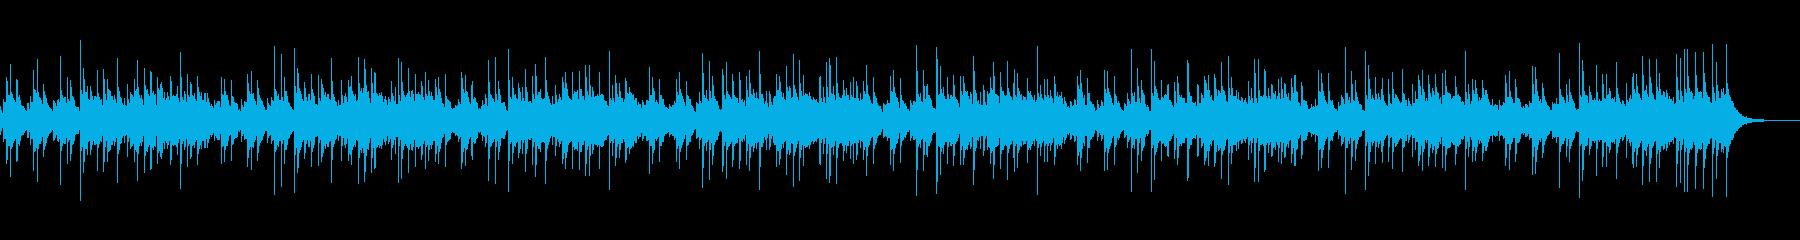 オルゴールの小曲を作りましたの再生済みの波形